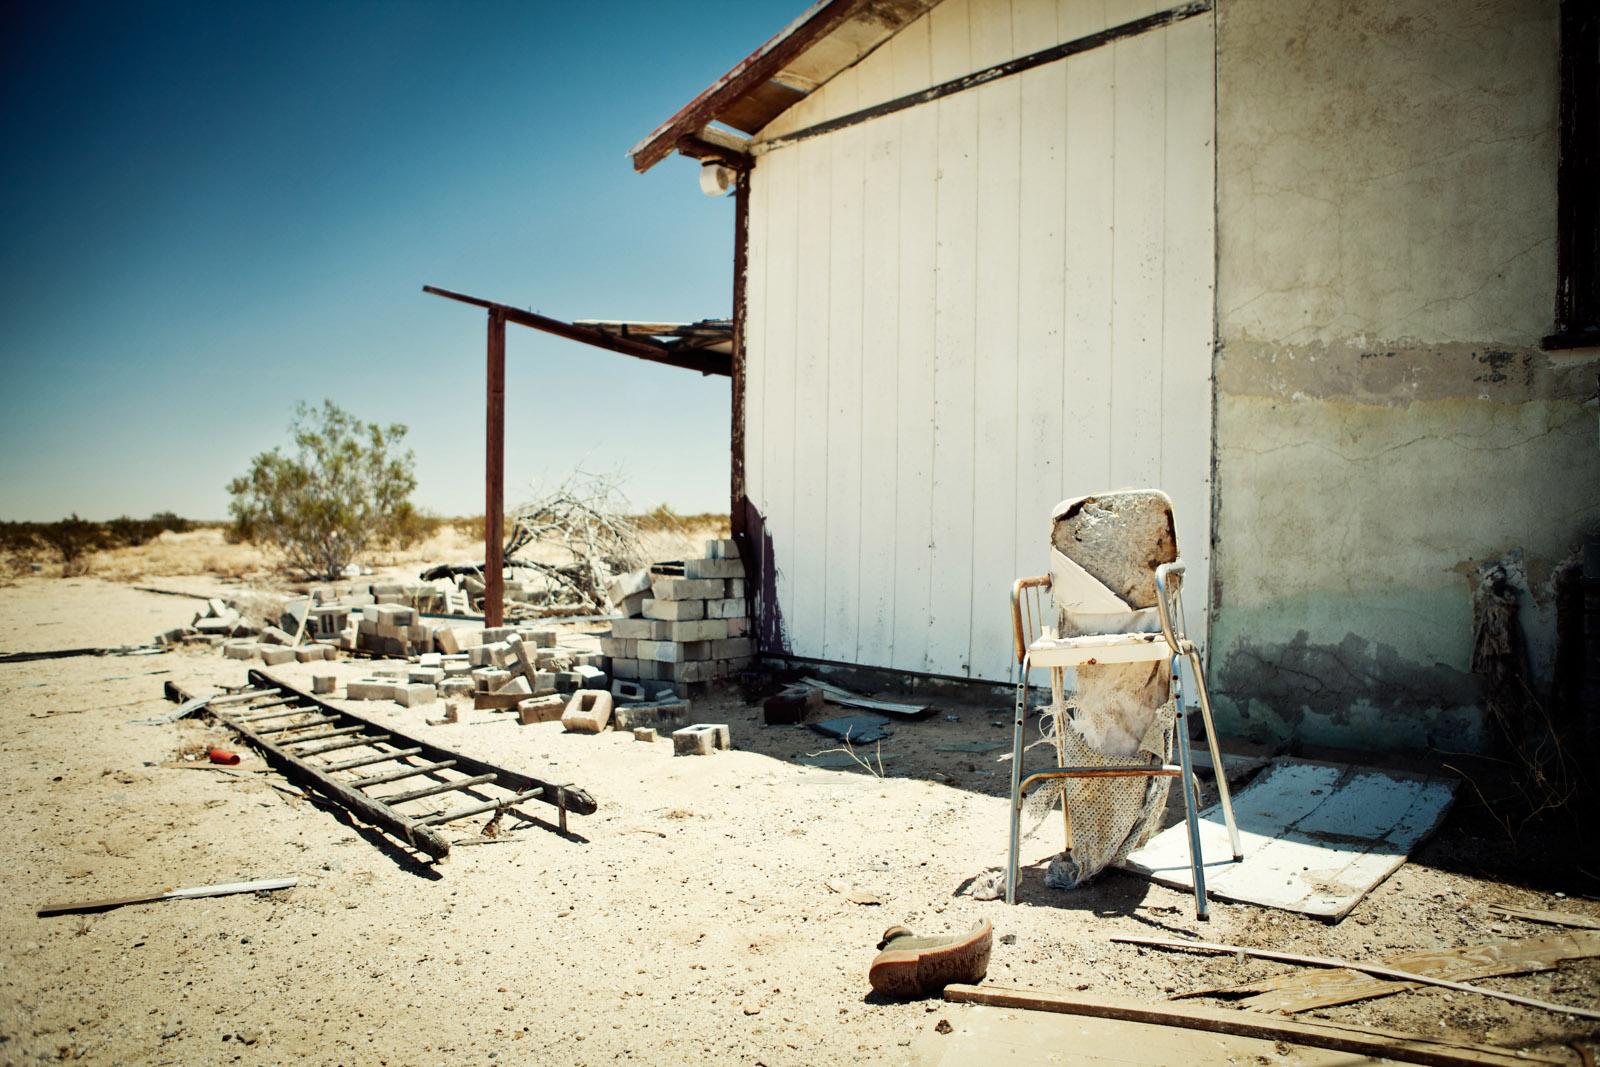 Mark_Nagel_Abandoned-08.jpg